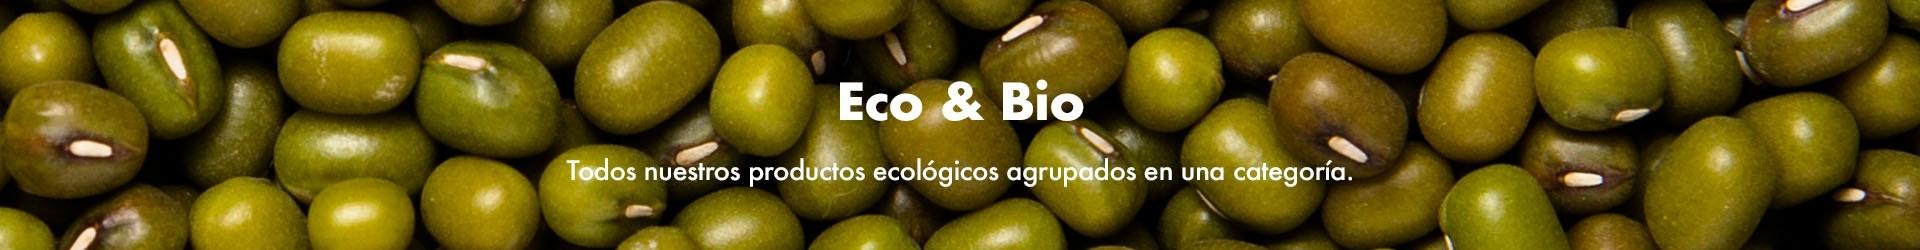 Ecológico y Bio · La vida a granel